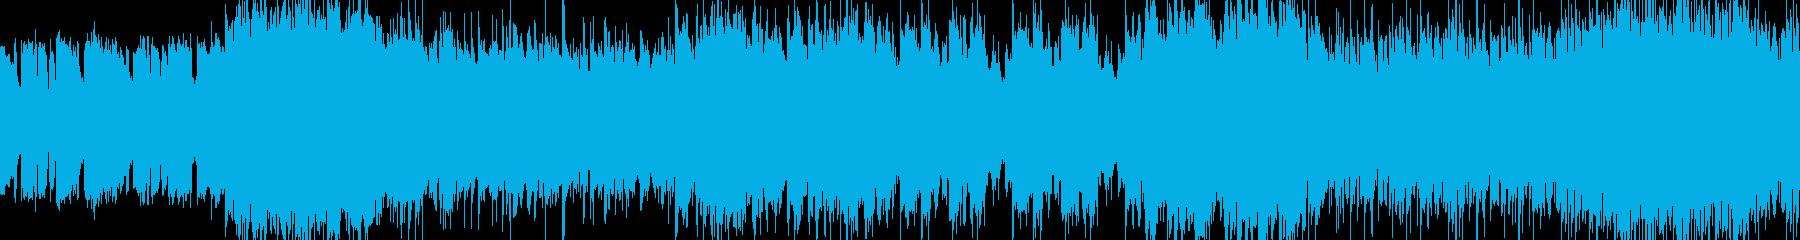 軽快なロックの再生済みの波形